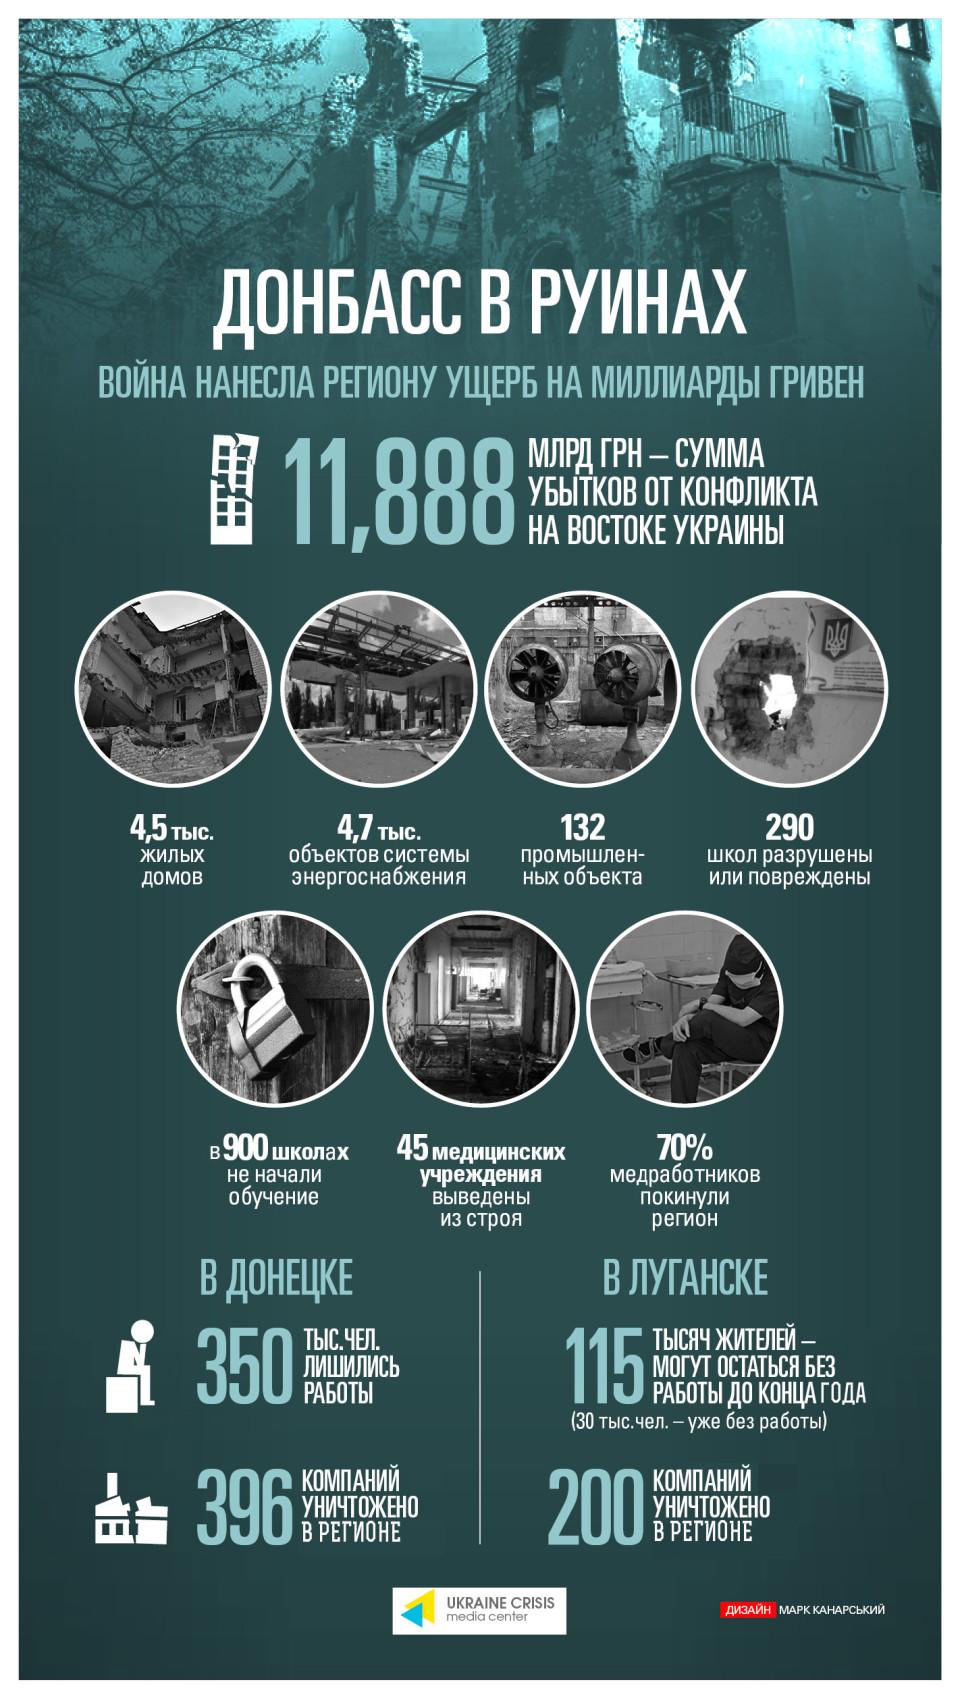 donbass-russ